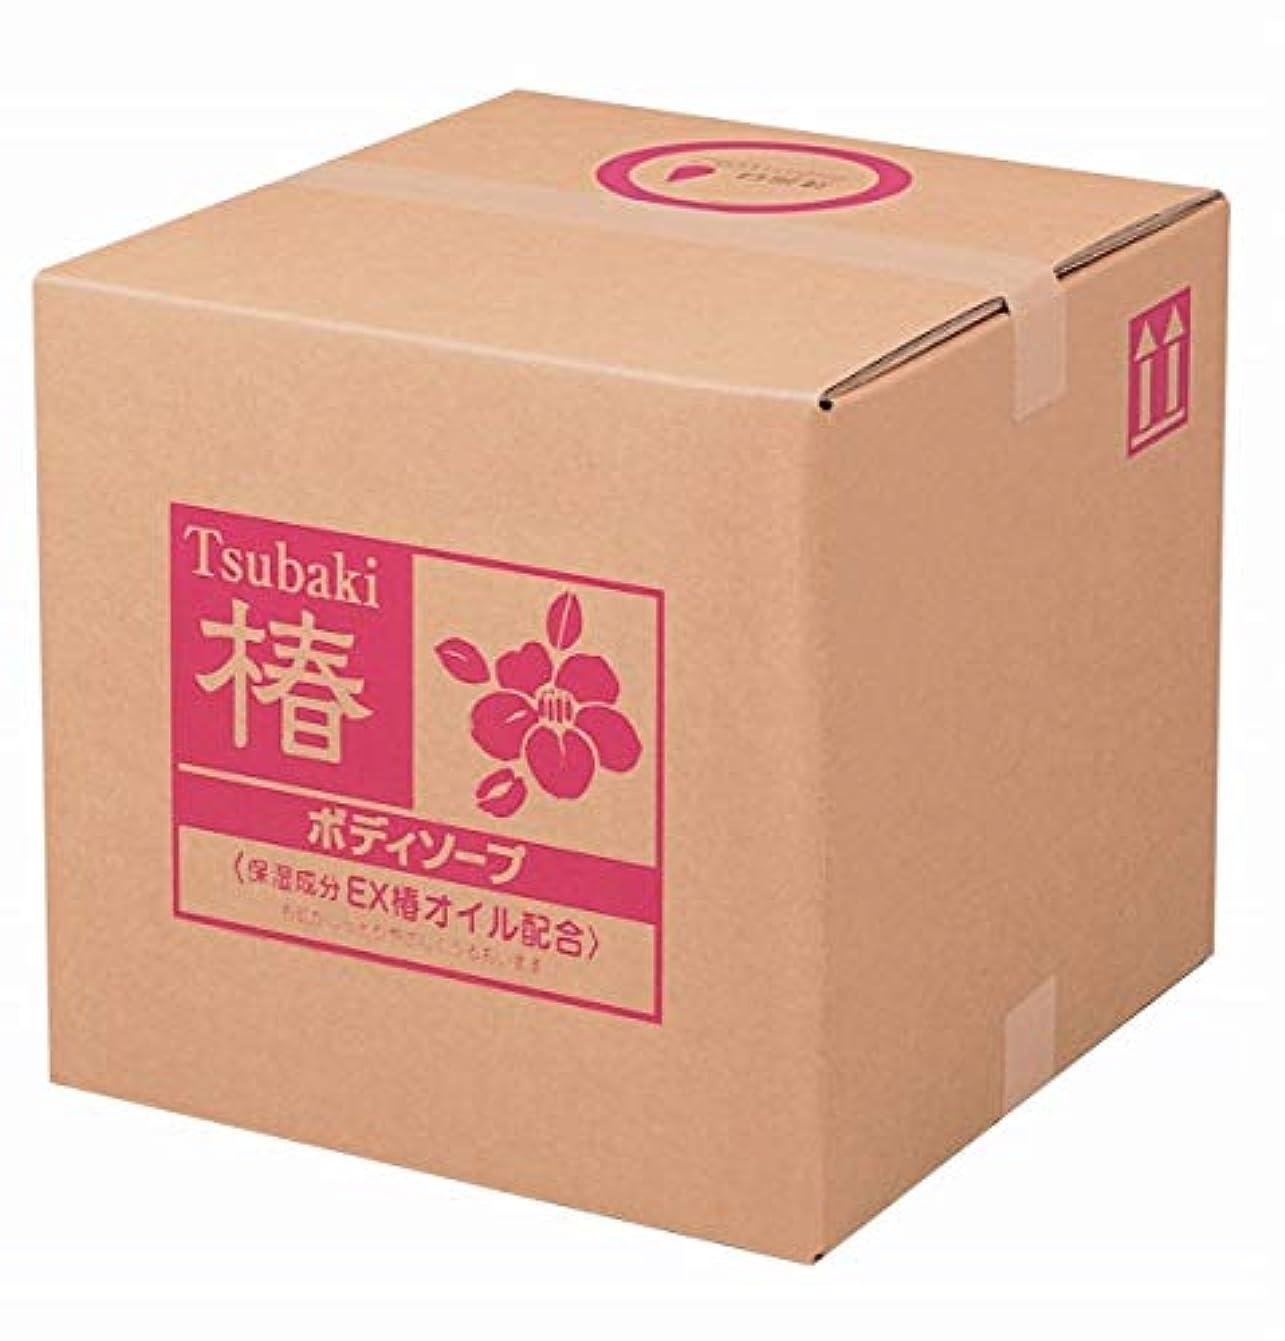 驚き純粋な過ち業務用 椿 ボディソープ 18L 熊野油脂 (コック無し)